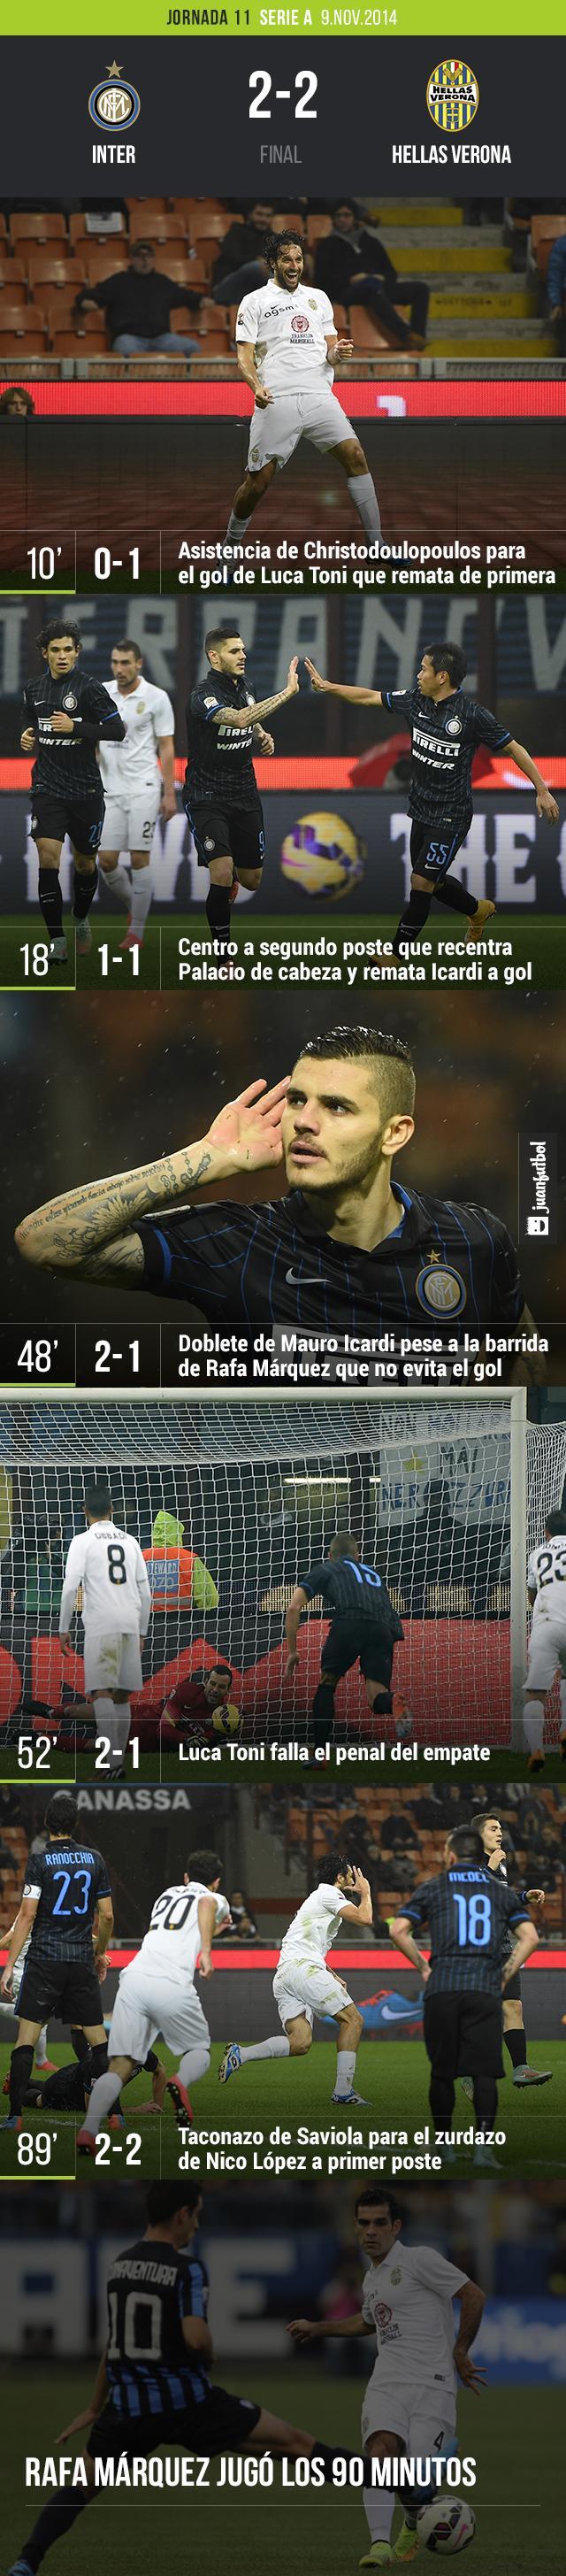 Empate entre el Inter 2-2 Hellas Verona con 90 minutos de Rafa Márquez